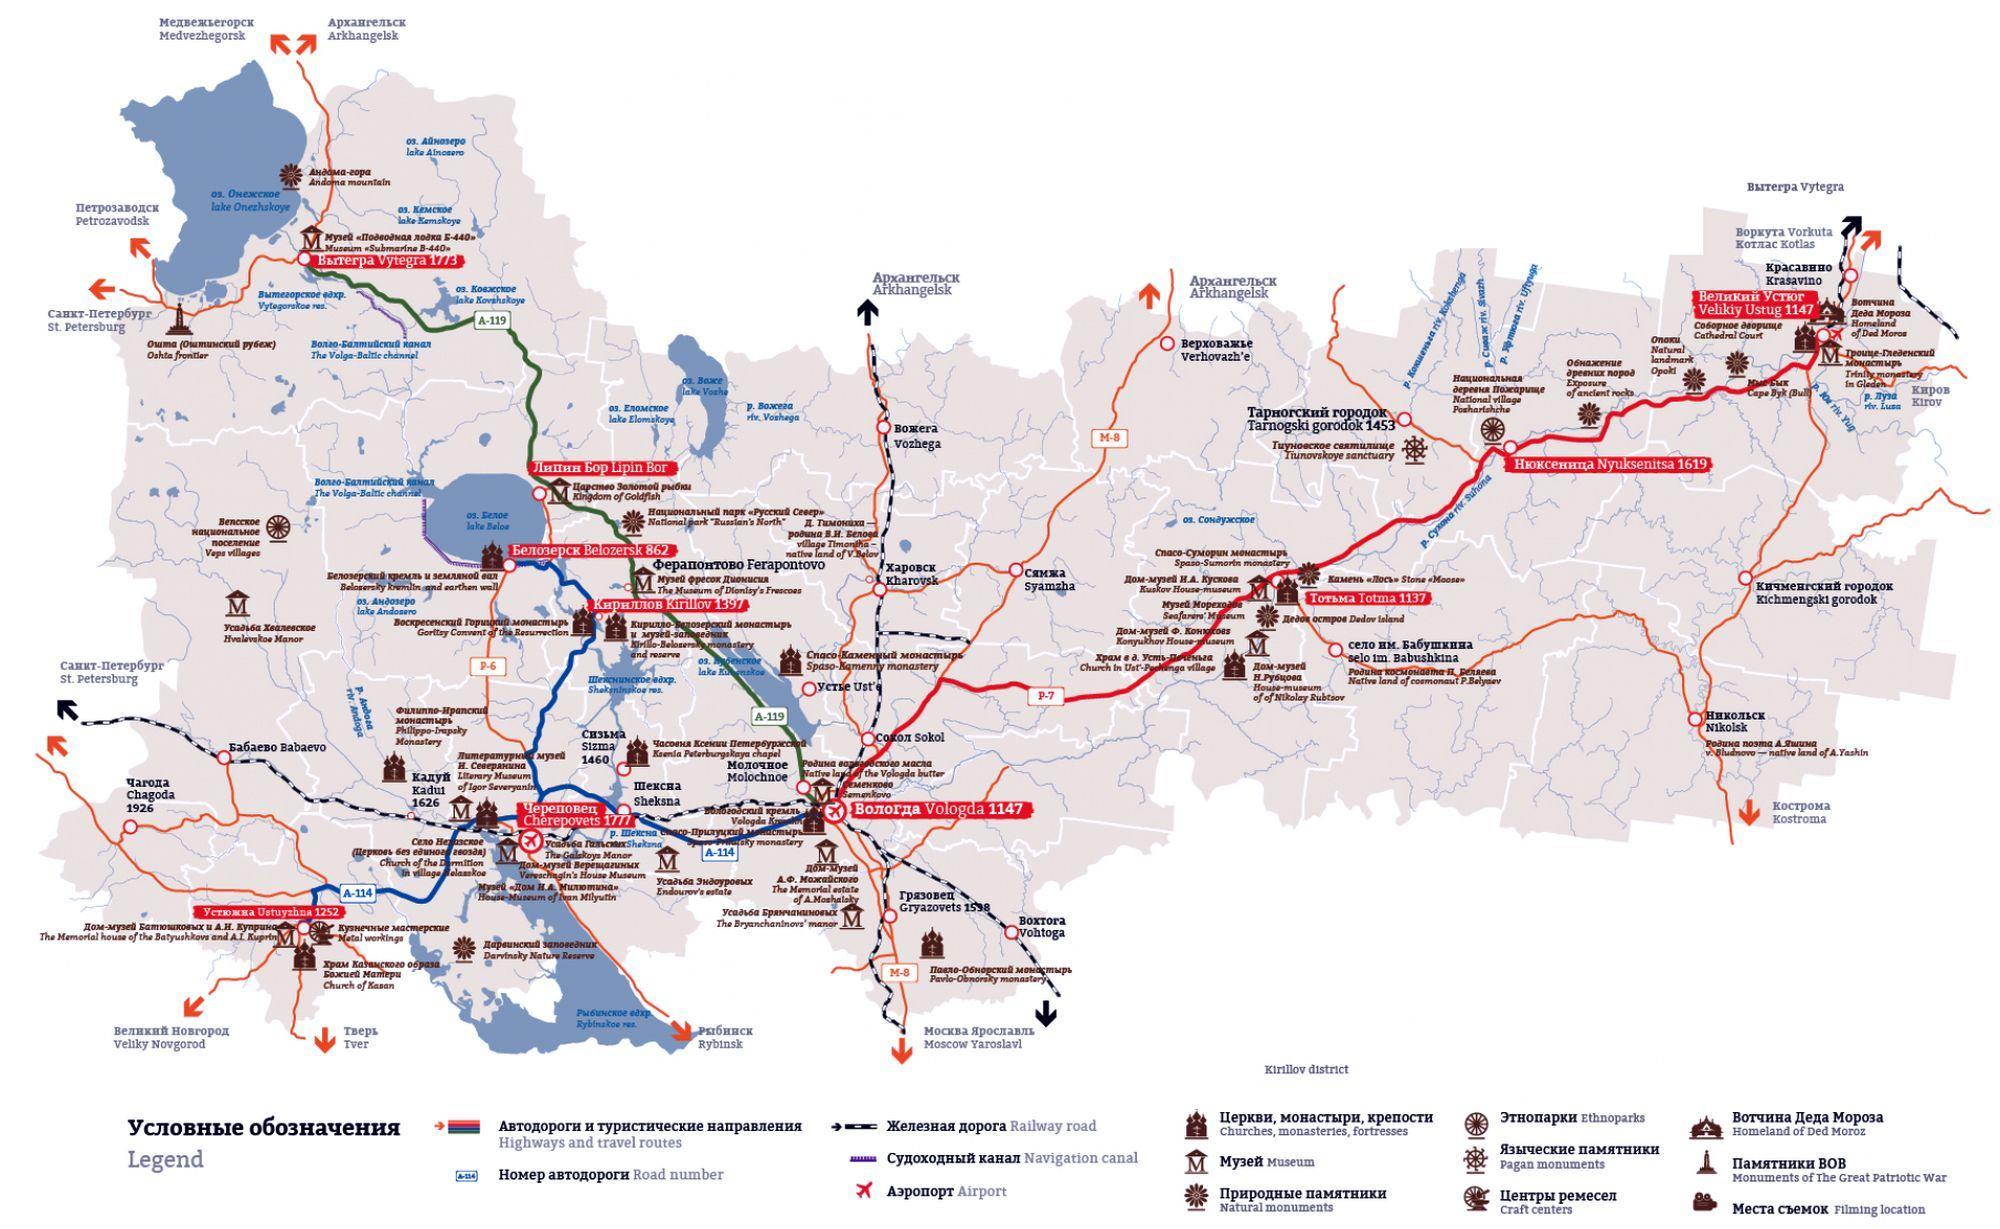 Вологодская область на туристической карте